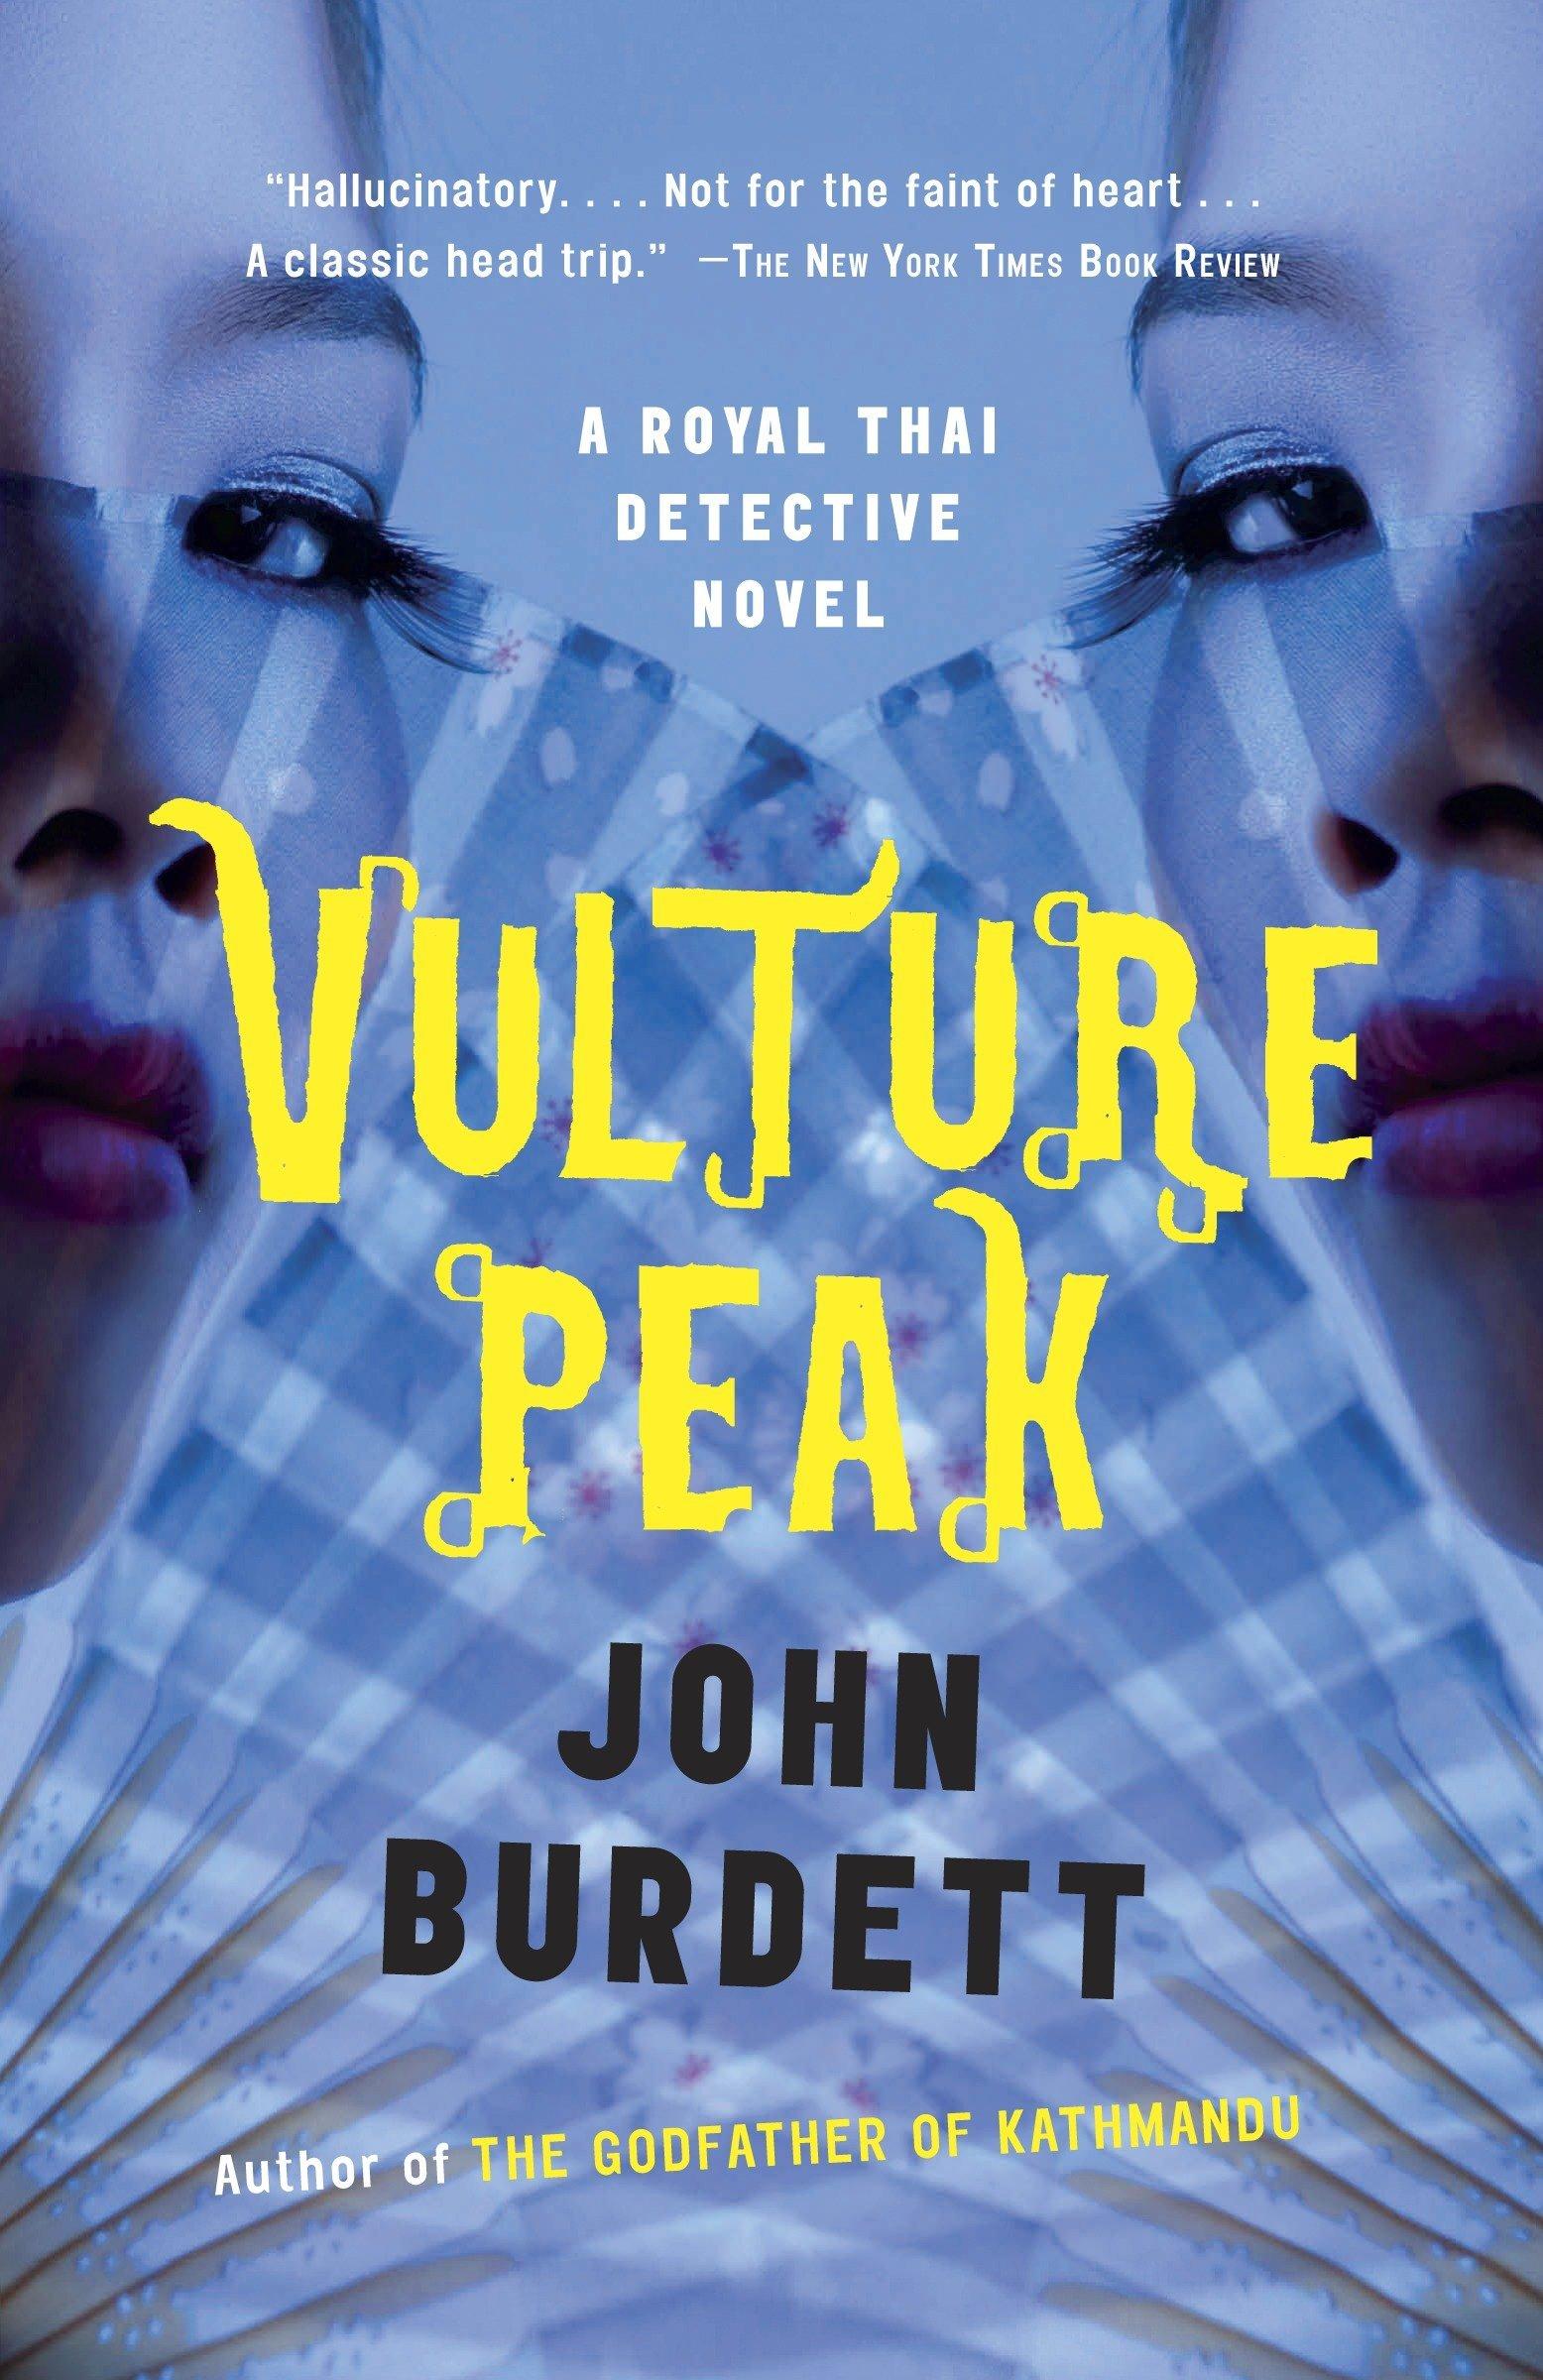 Vulture Peak: A Royal Thai Detective Novel (5) (Royal Thai Detective Novels) ebook